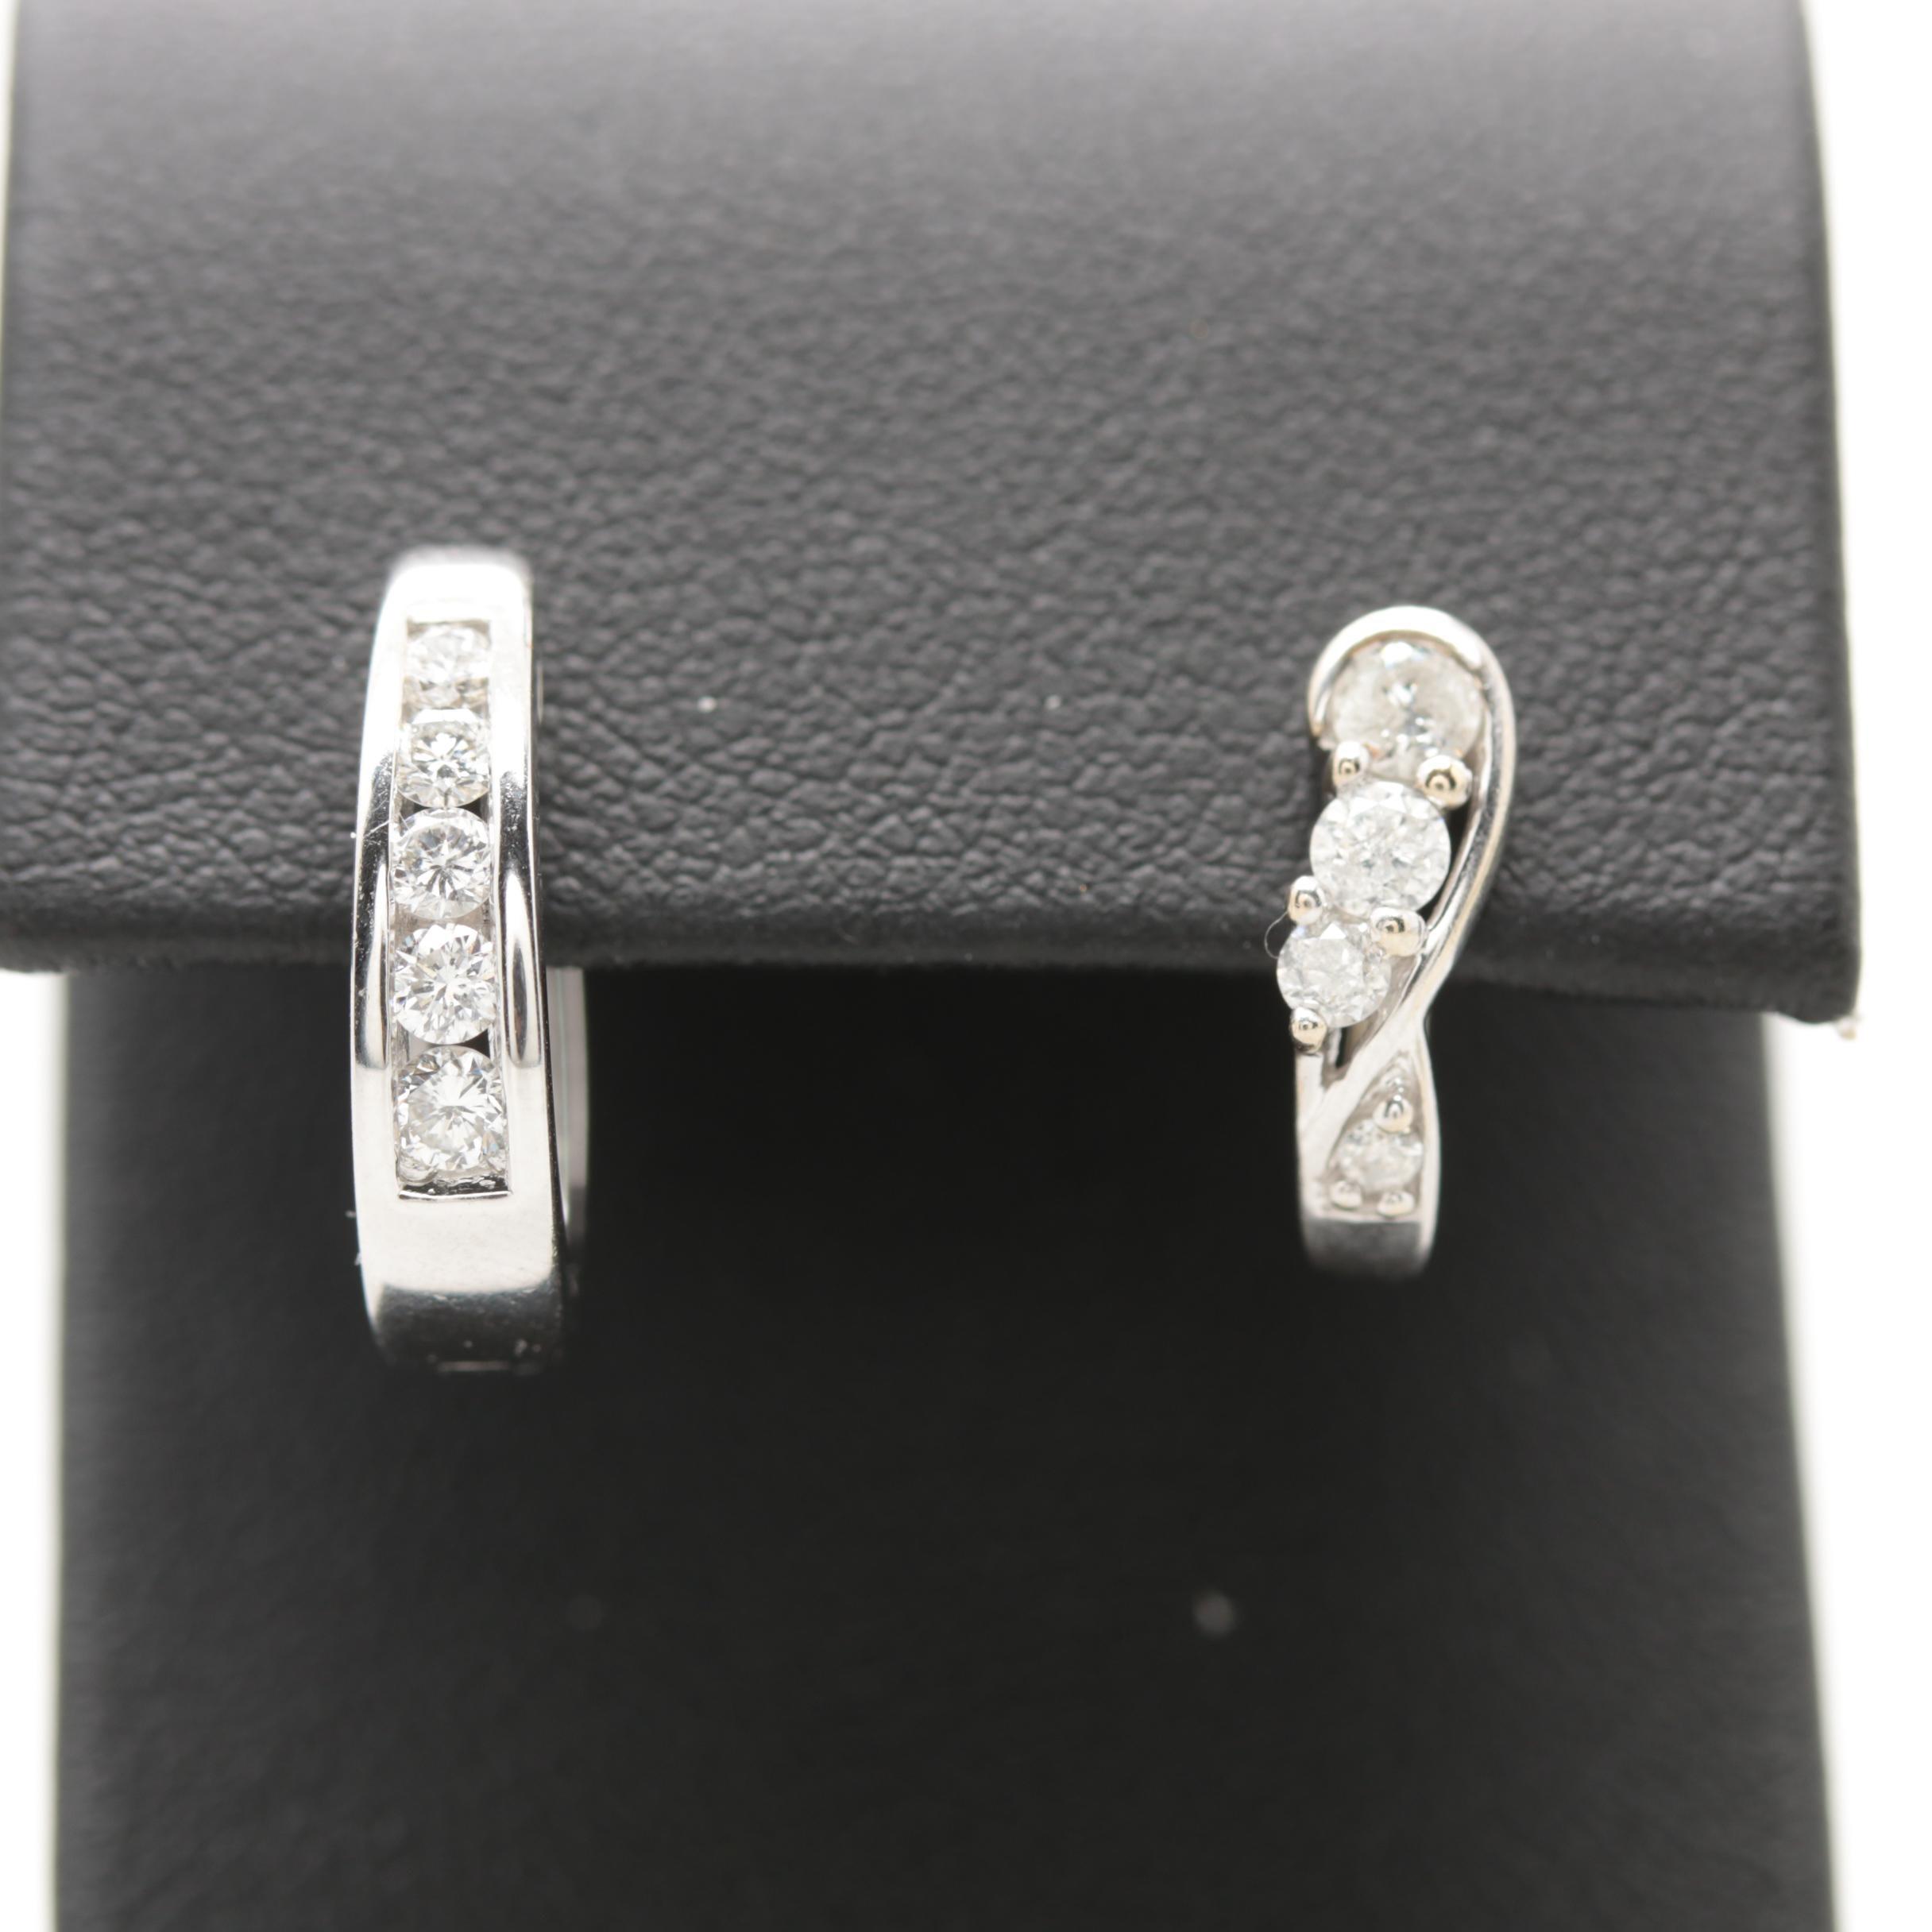 14K and 10K White Gold Diamond Single Earrings